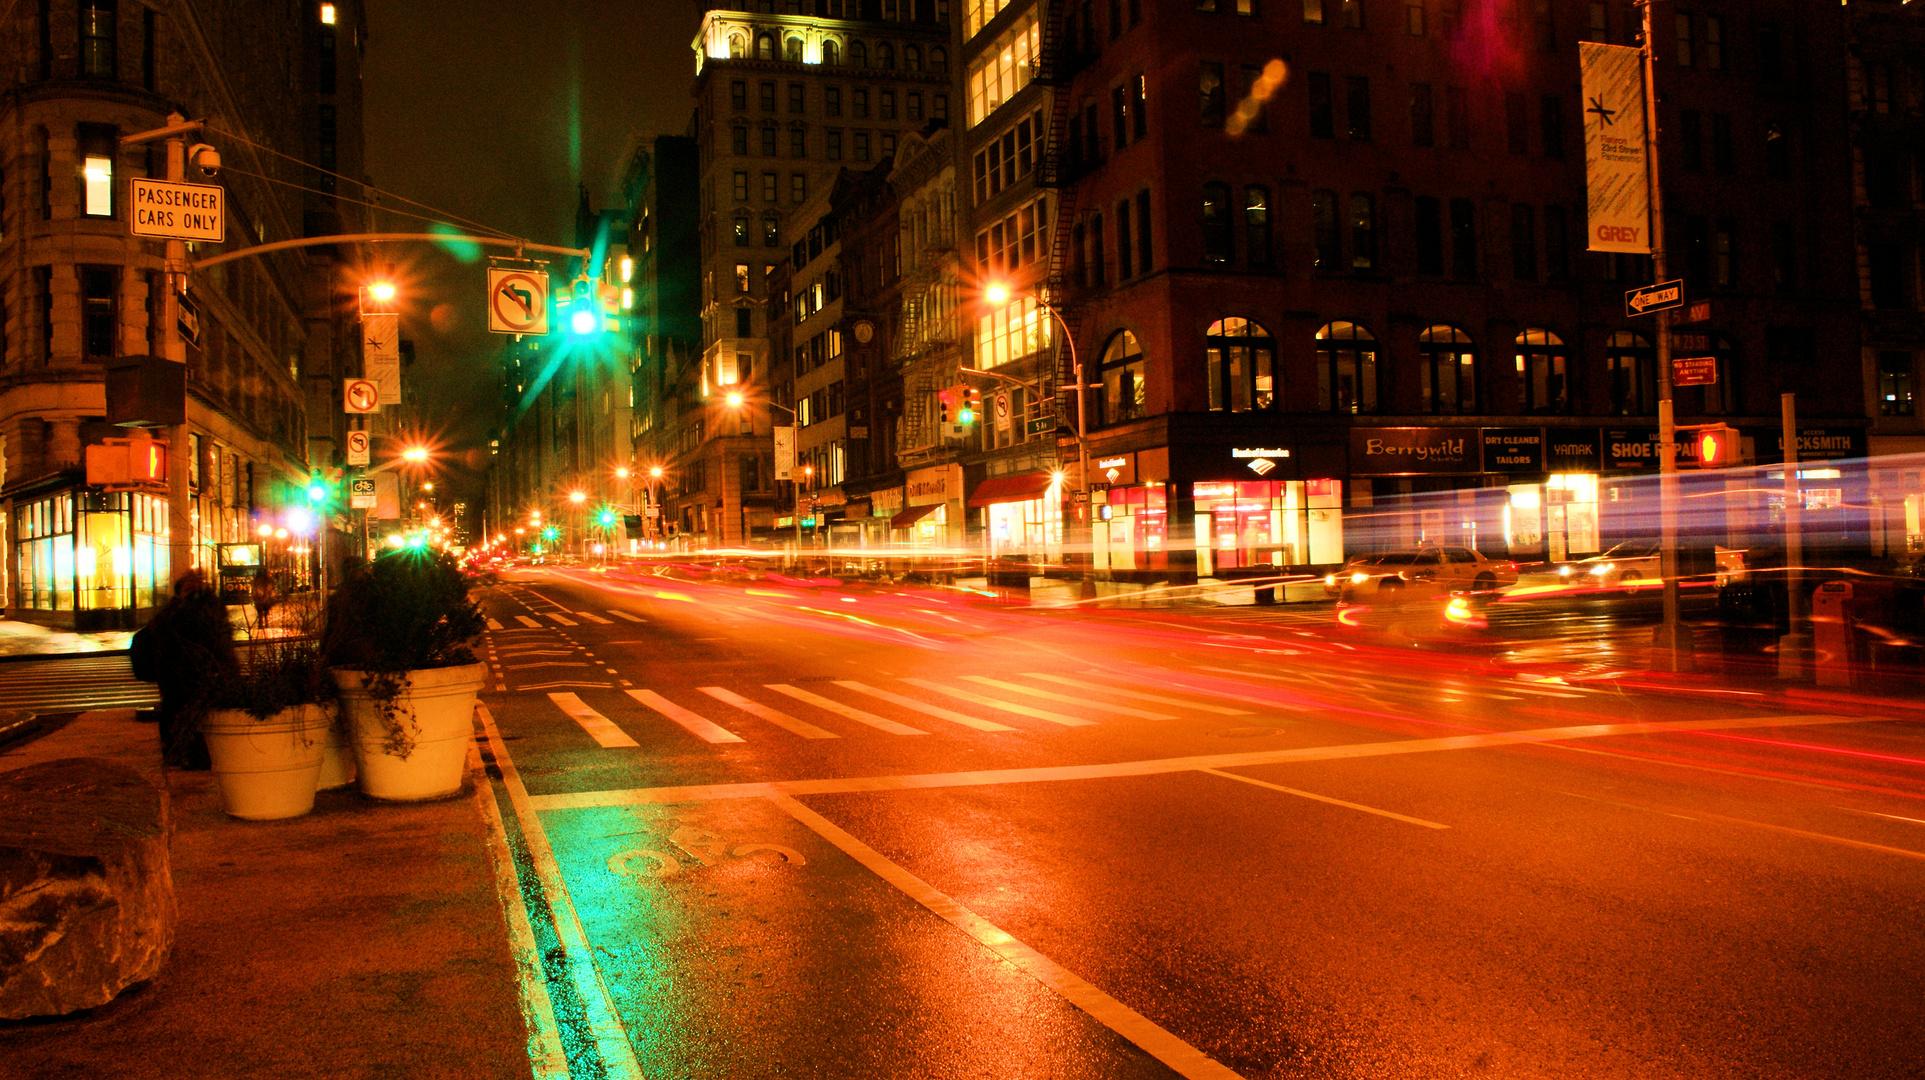 5th Avenue by Flatiron Bld.